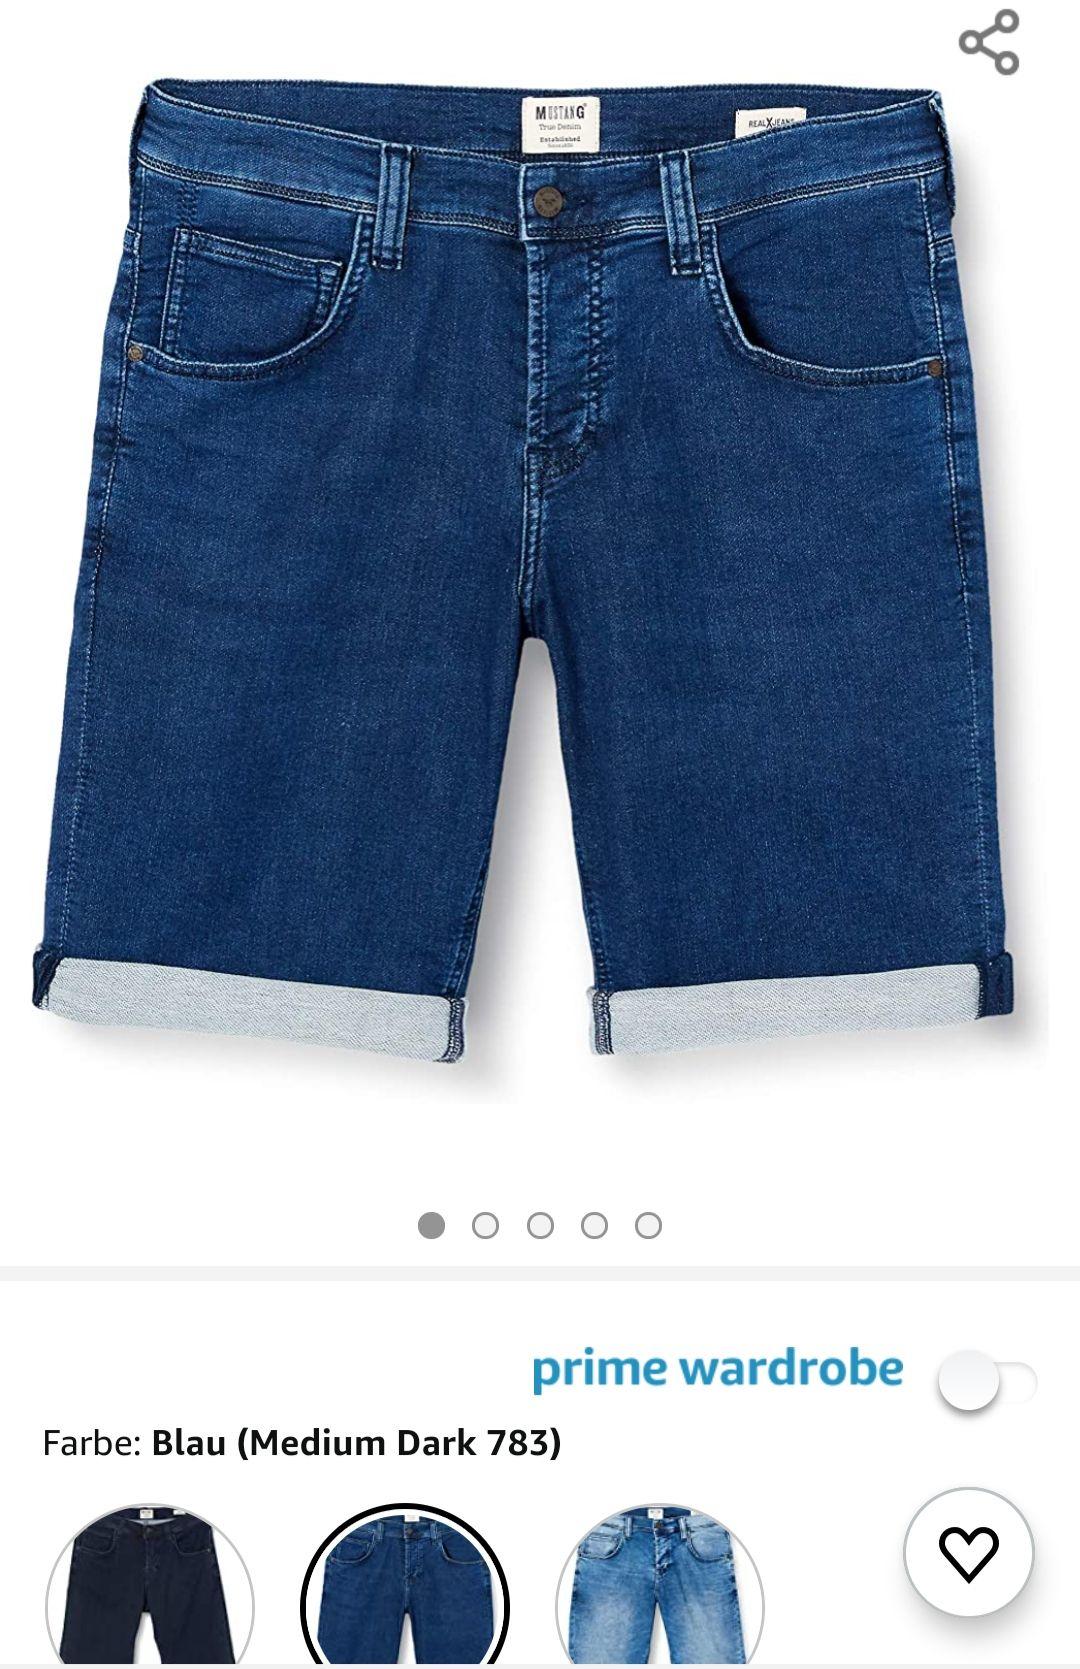 [Amazon] Mustang Herren Jeans Shorts in Blau in W35 eher W34